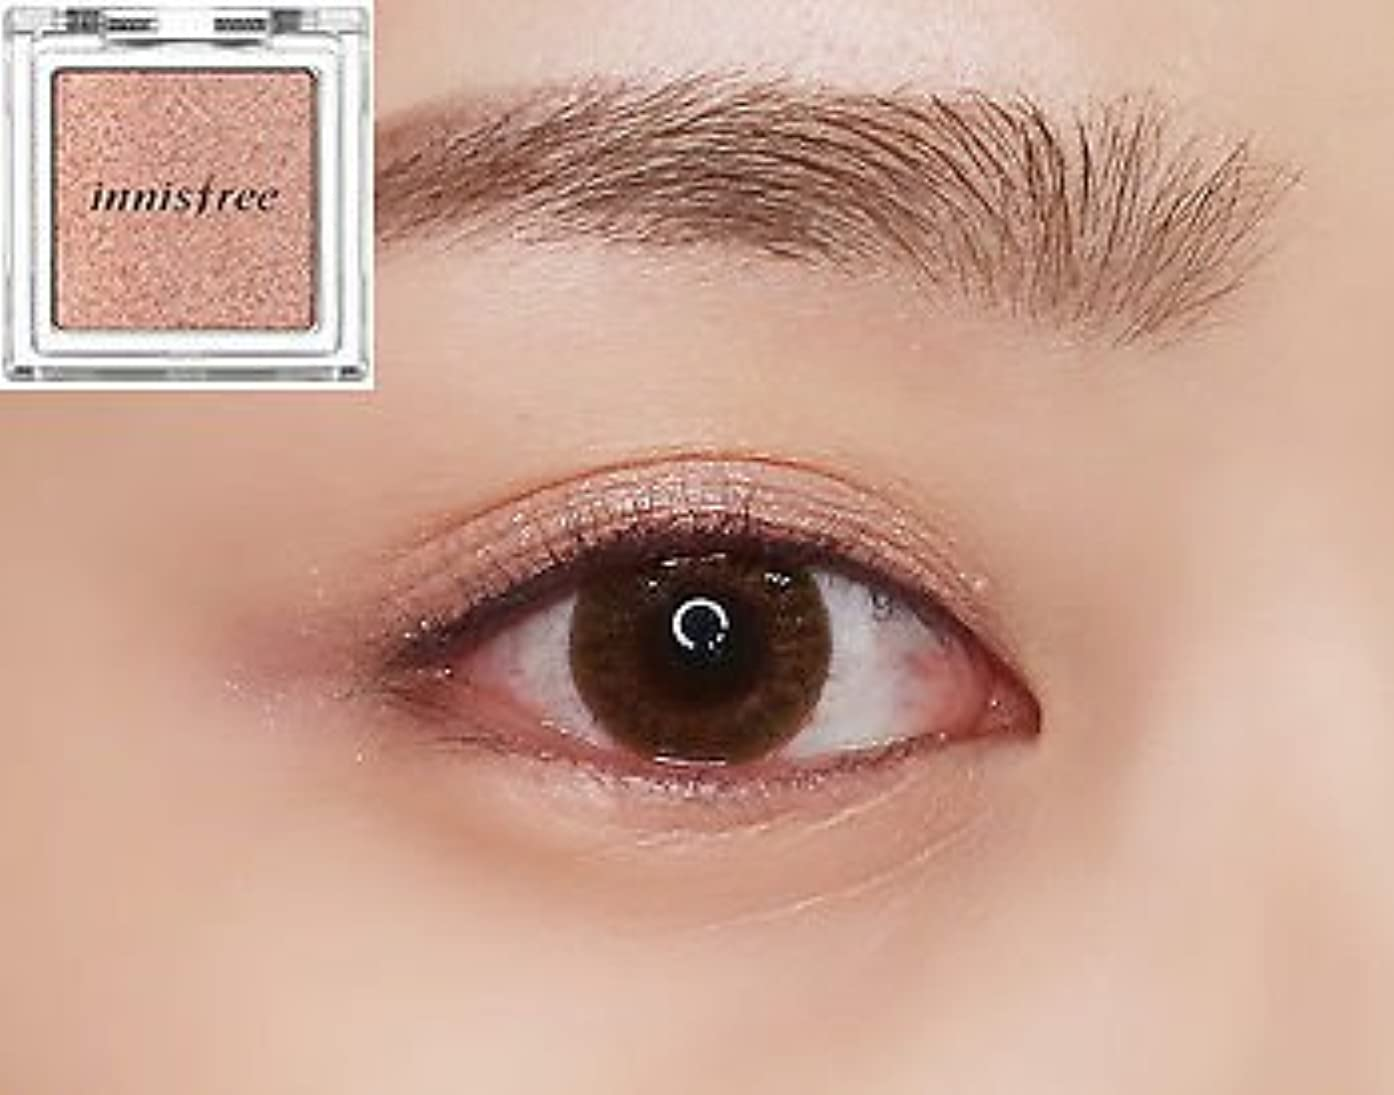 シンプルさ晩餐定刻[イニスフリー] innisfree [マイ パレット マイ アイシャドウ (グリッタ一) 25カラー] MY PALETTE My Eyeshadow (Glitter) 25 Shades [海外直送品] (グリッタ一 #11)